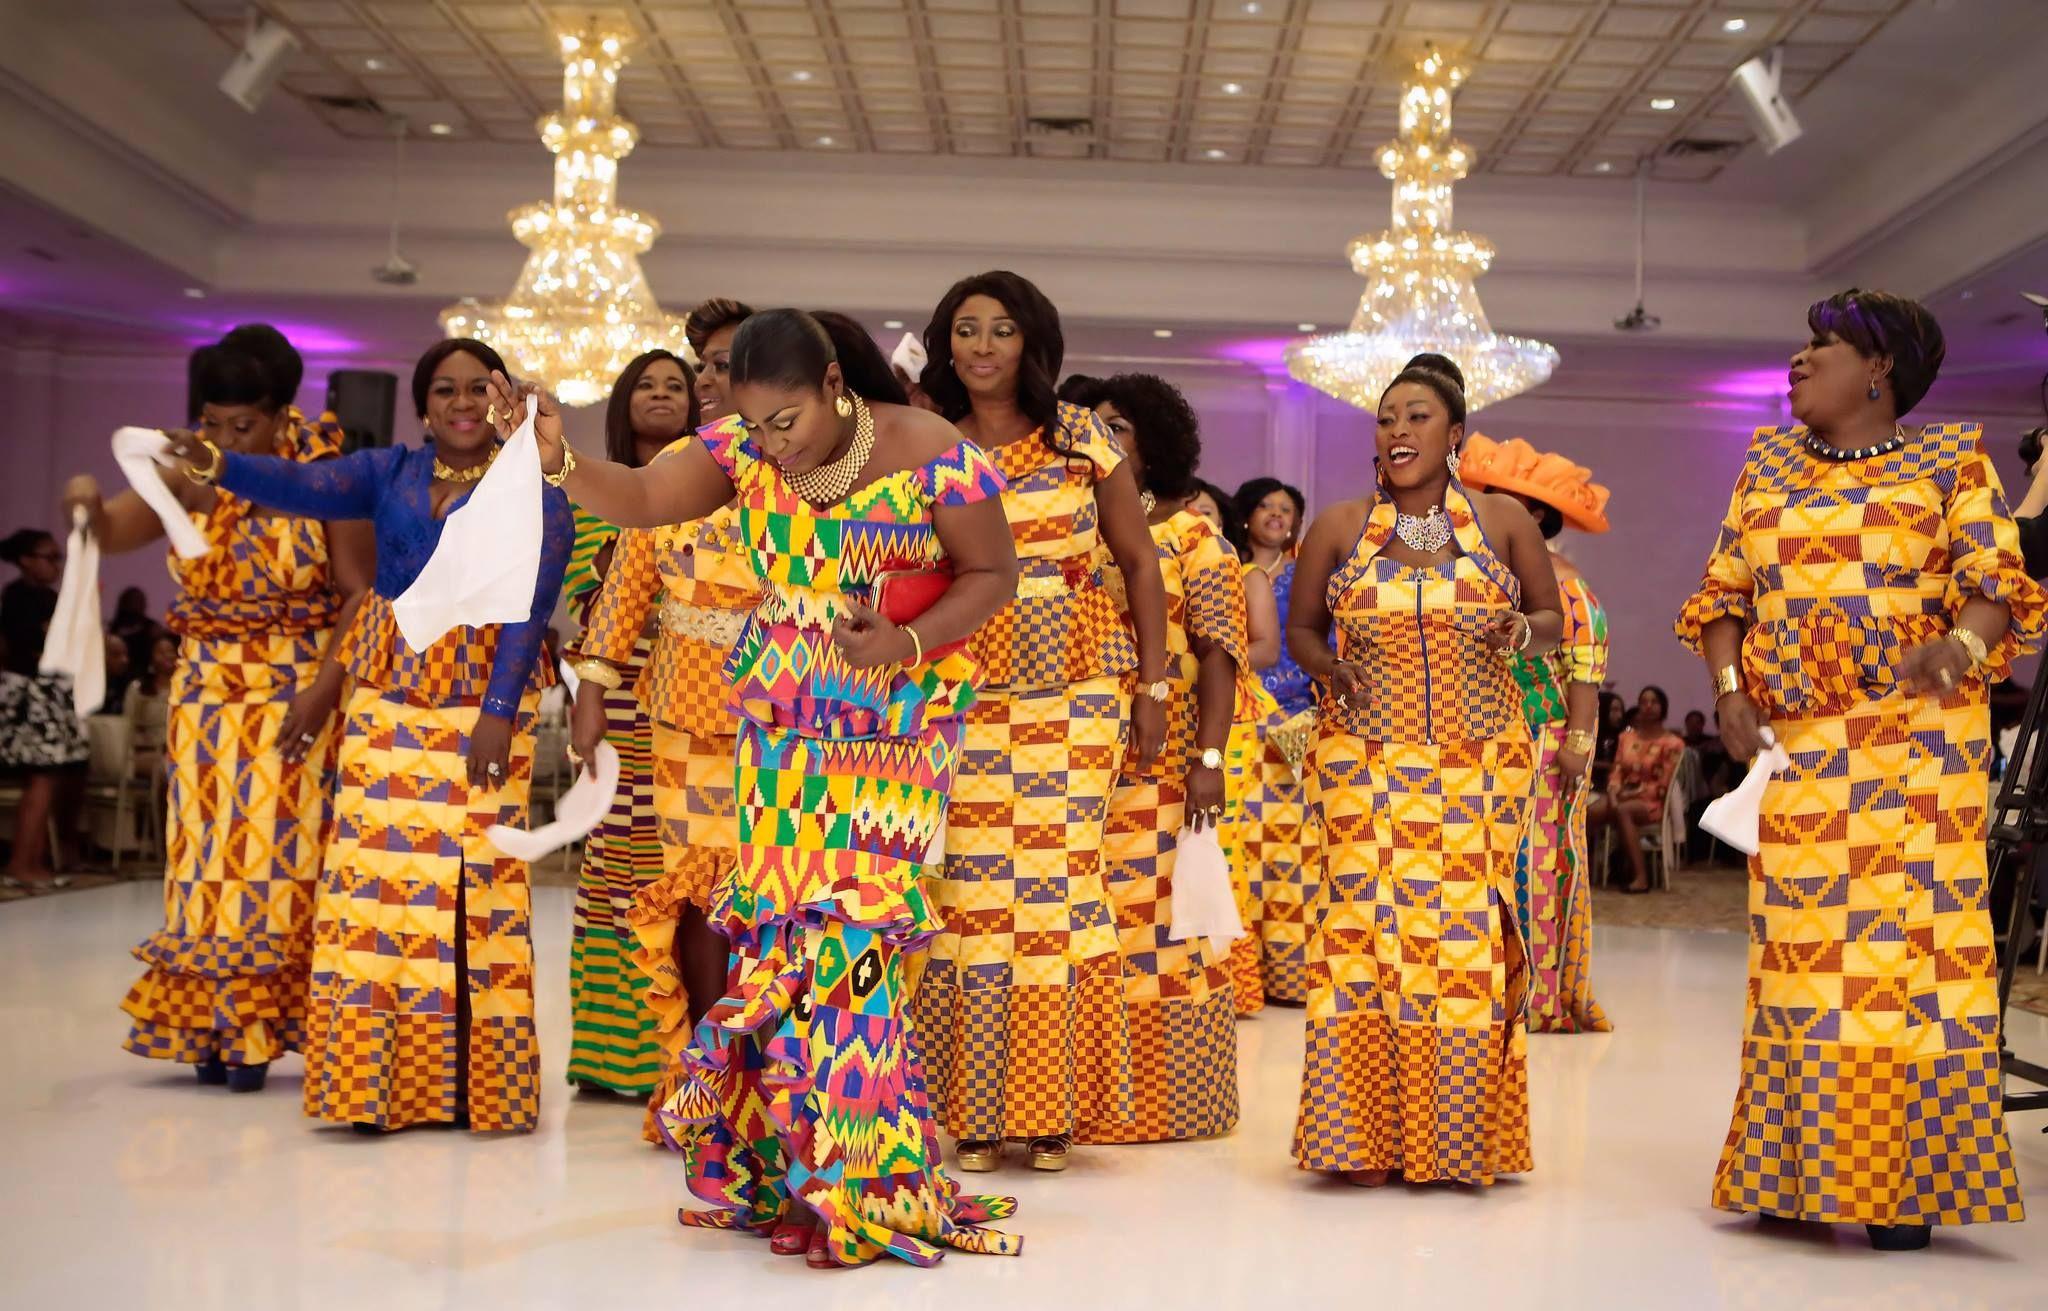 awendy3 | African fashion modern, African wedding, Ghana